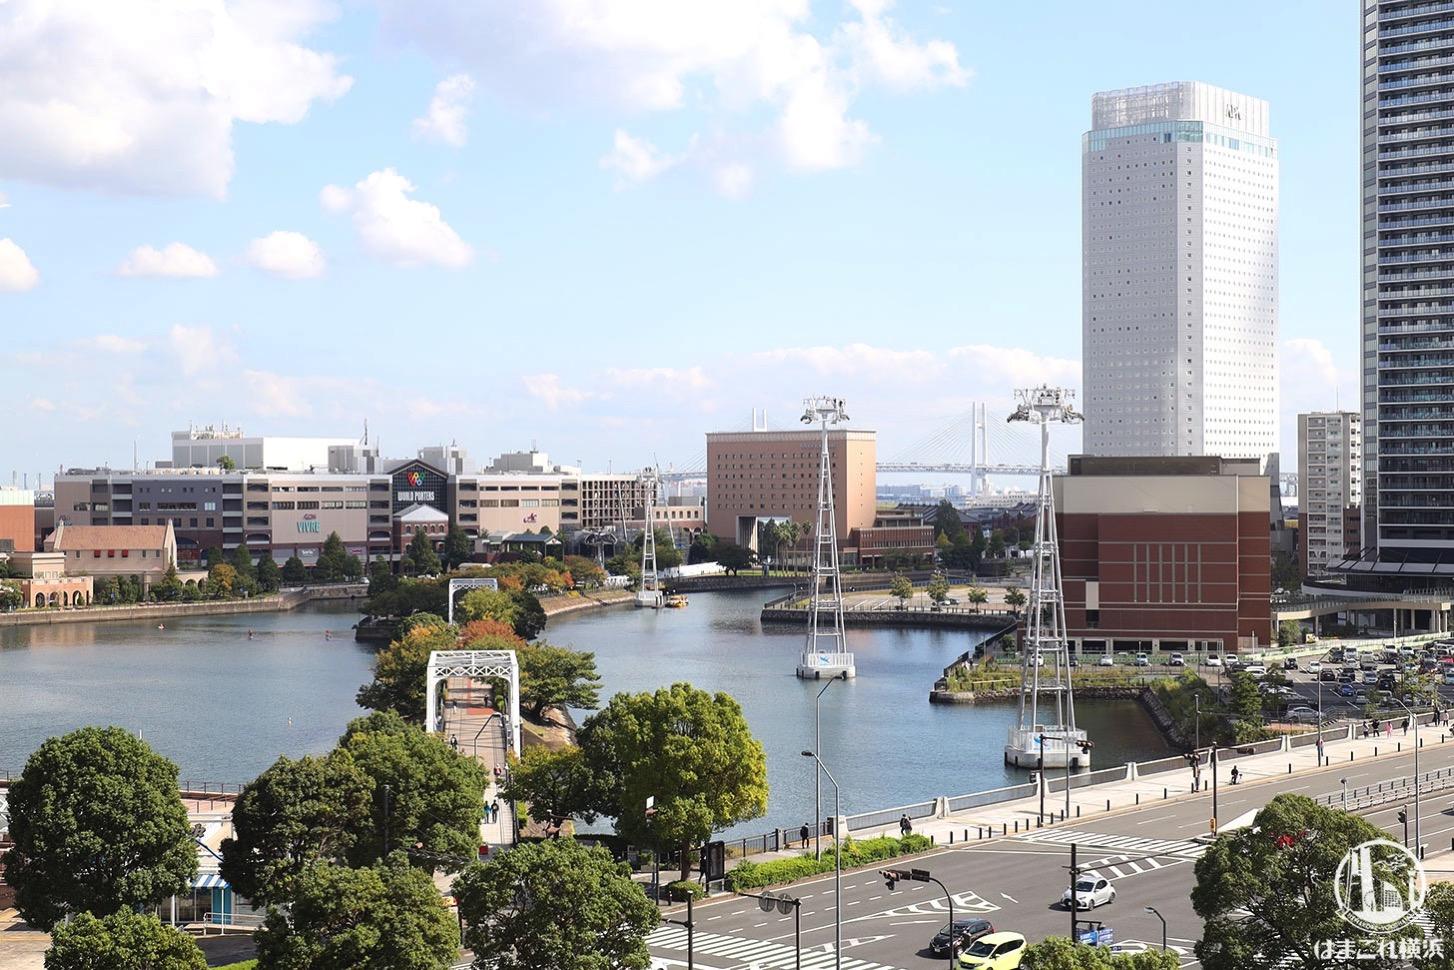 有隣堂ブックカフェ「STORY STORY YOKOHAMA」から見える横浜の景色